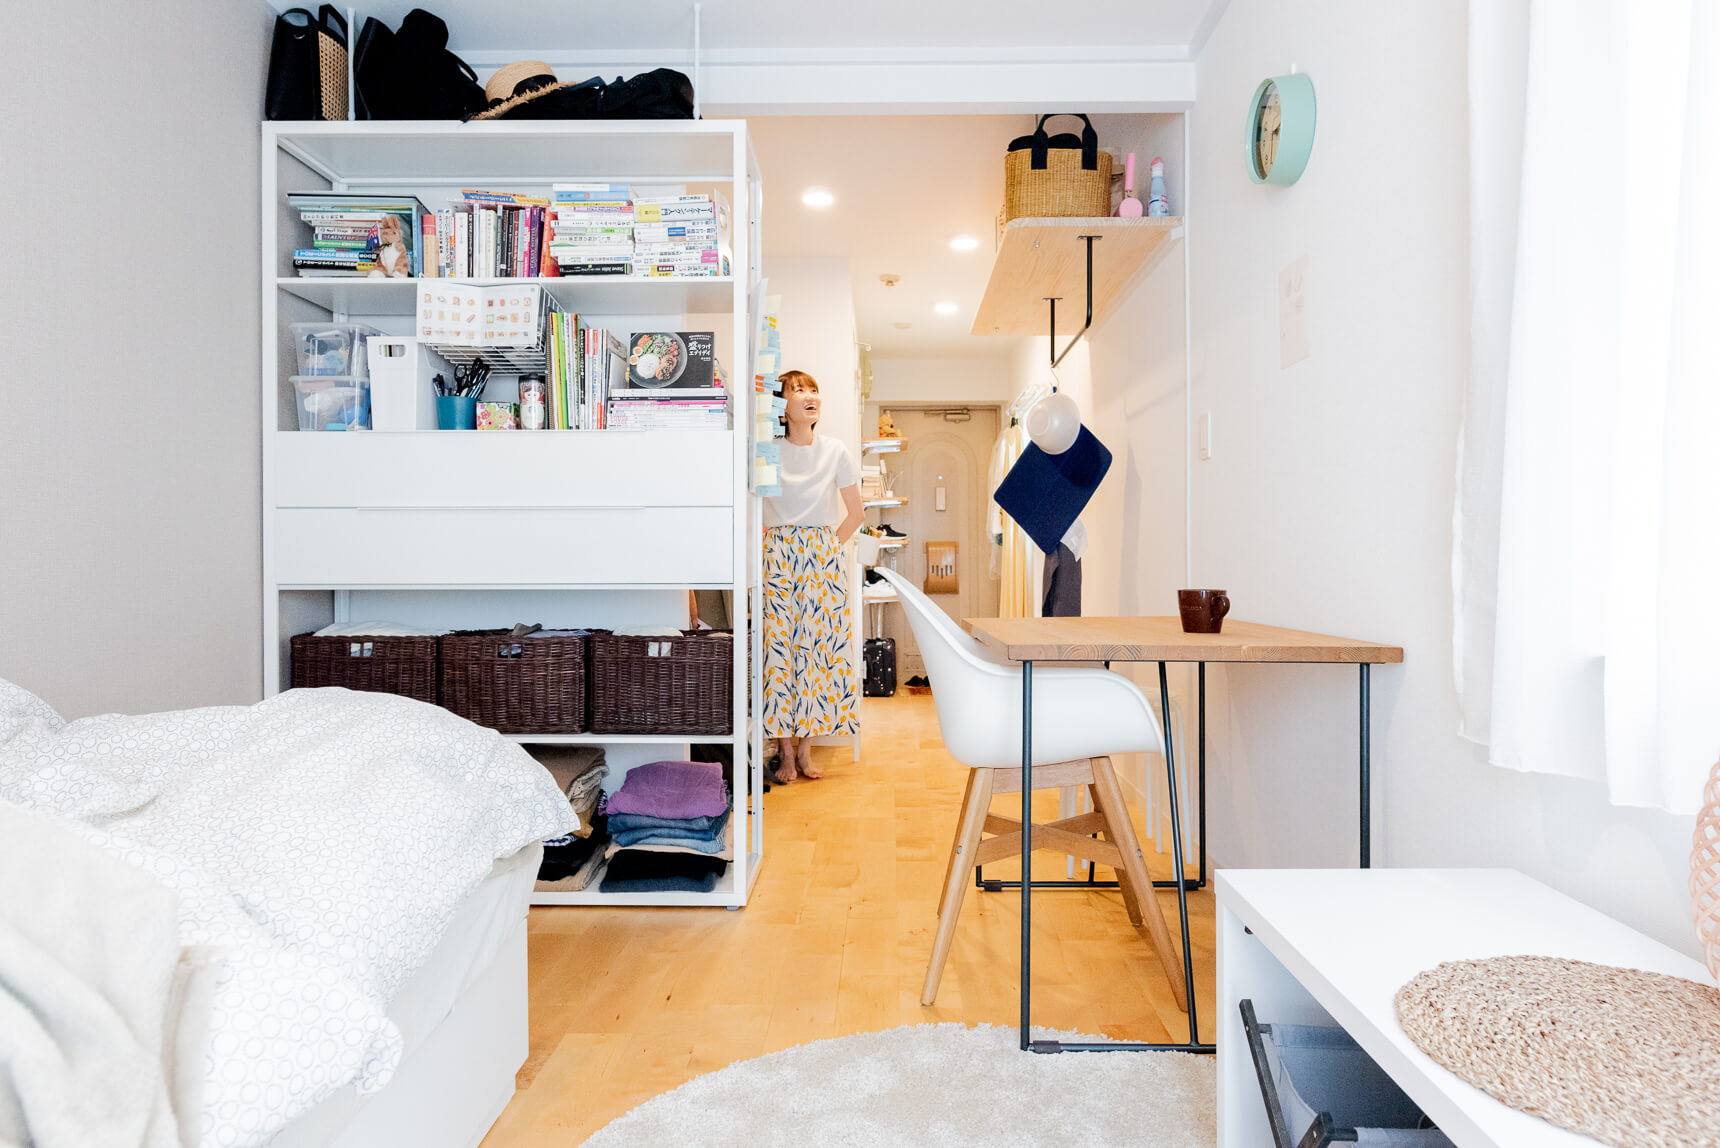 すごくすてきだった大谷さんと大谷さんの部屋。そしてスカートがすごくかわいい。